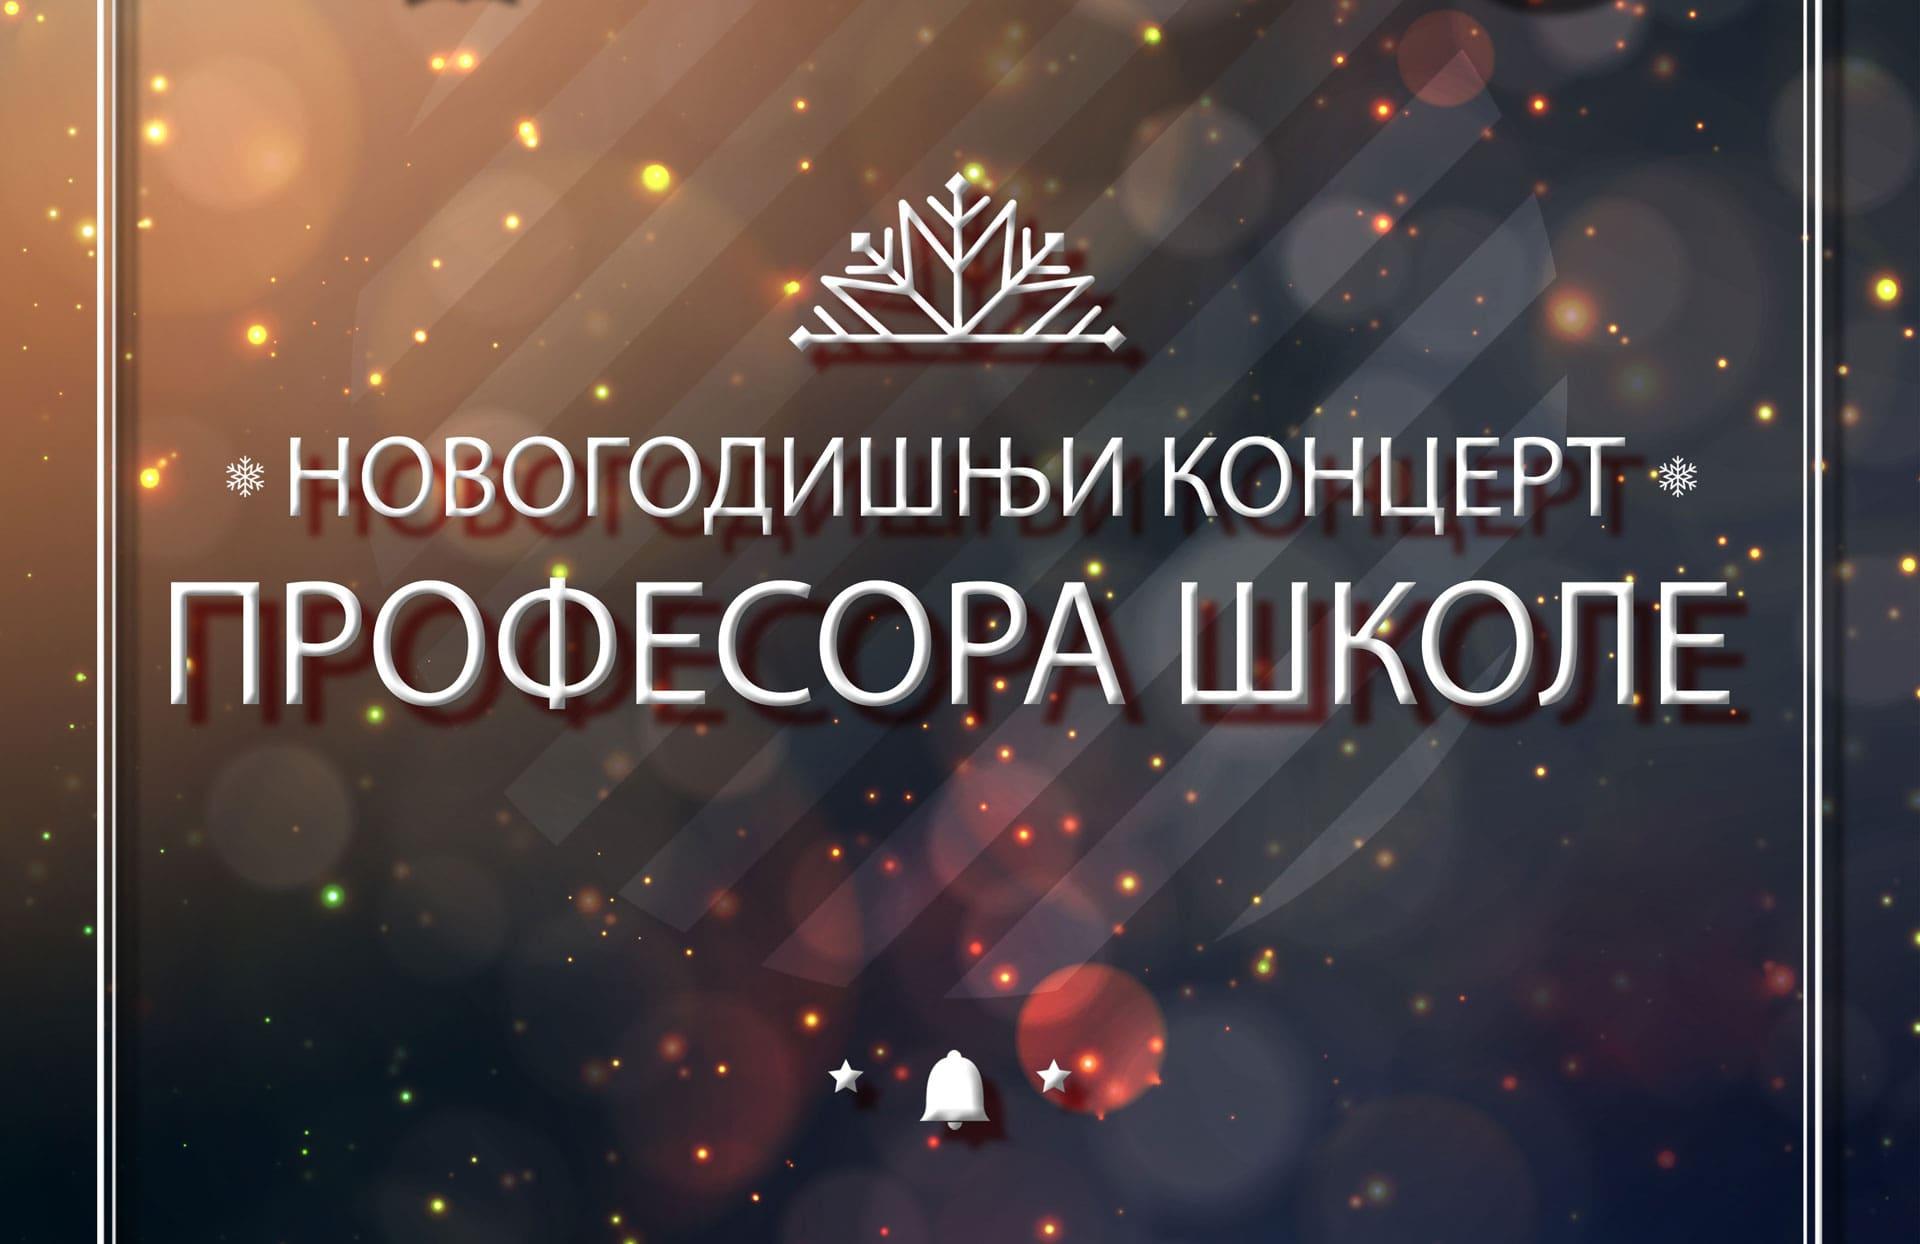 НОВОГОДИШЊИ КОНЦЕРТ ПРОФЕСОРА ШКОЛЕ